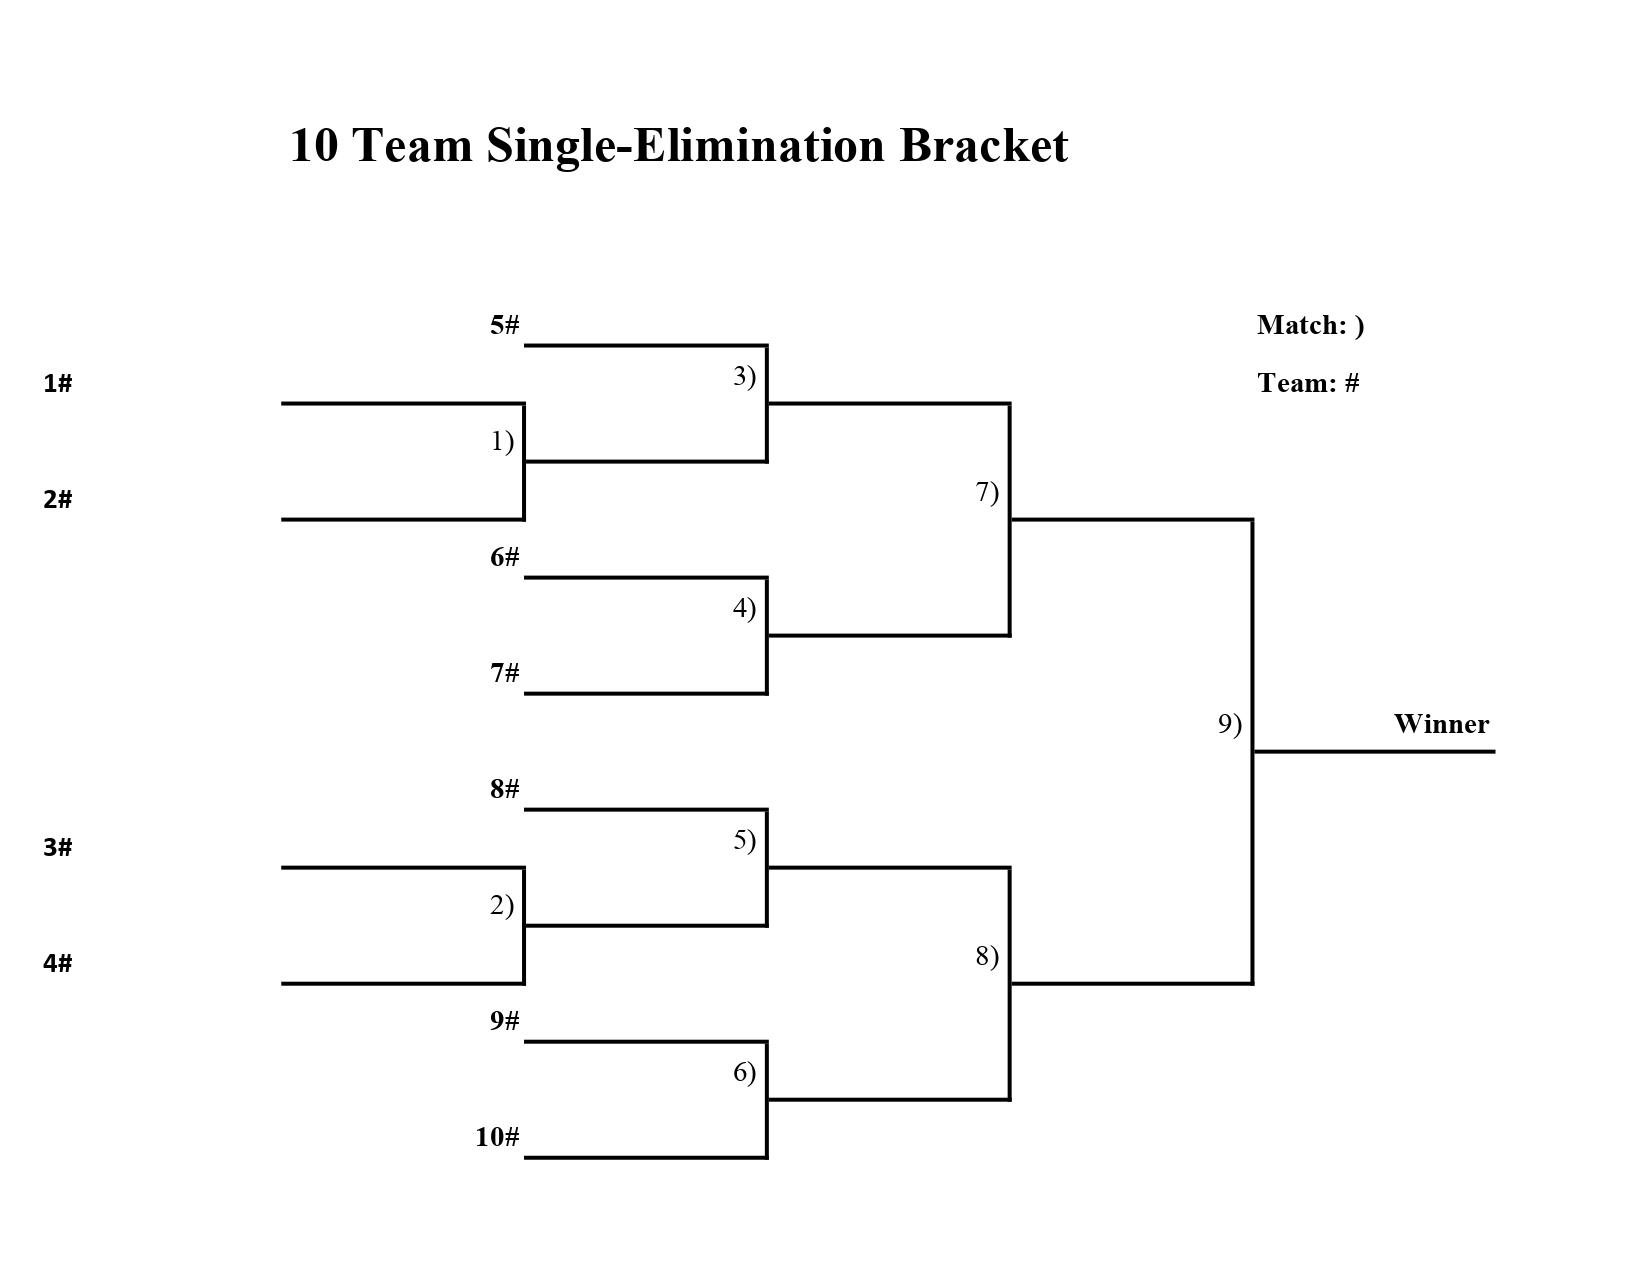 10 team single elimination bracket